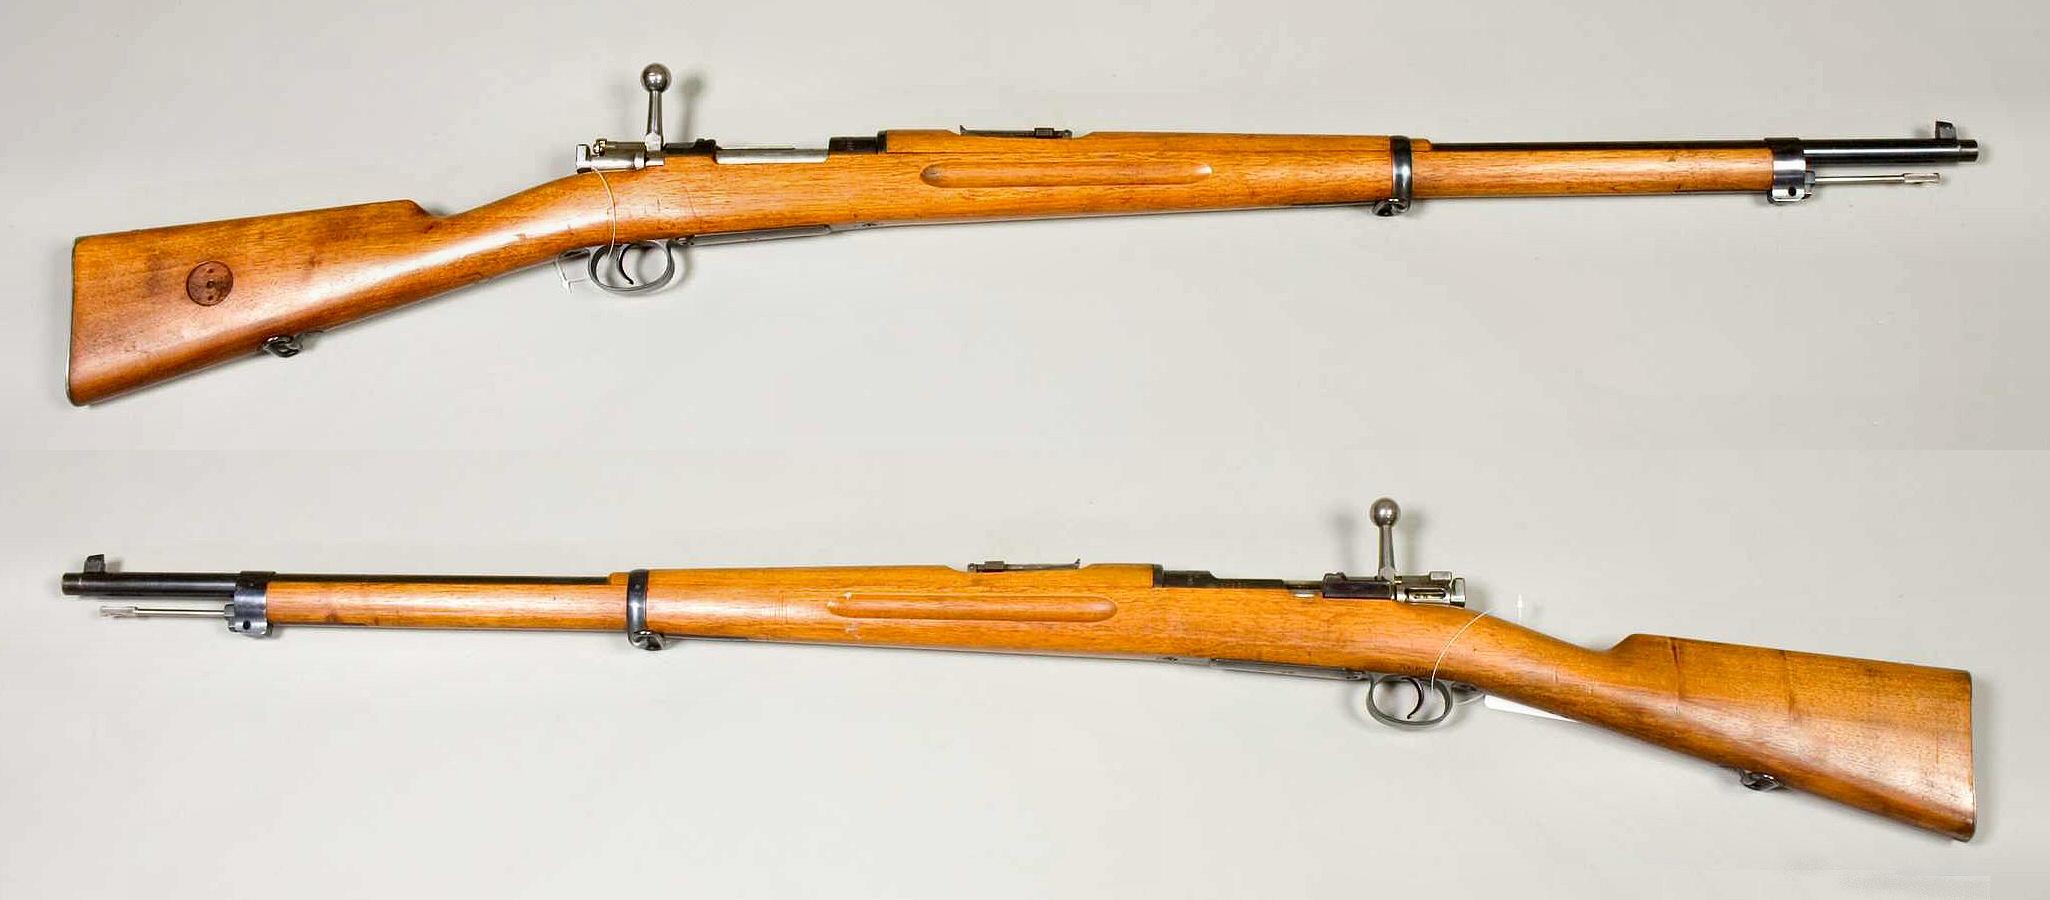 Swedish Mauser - Wikipedia